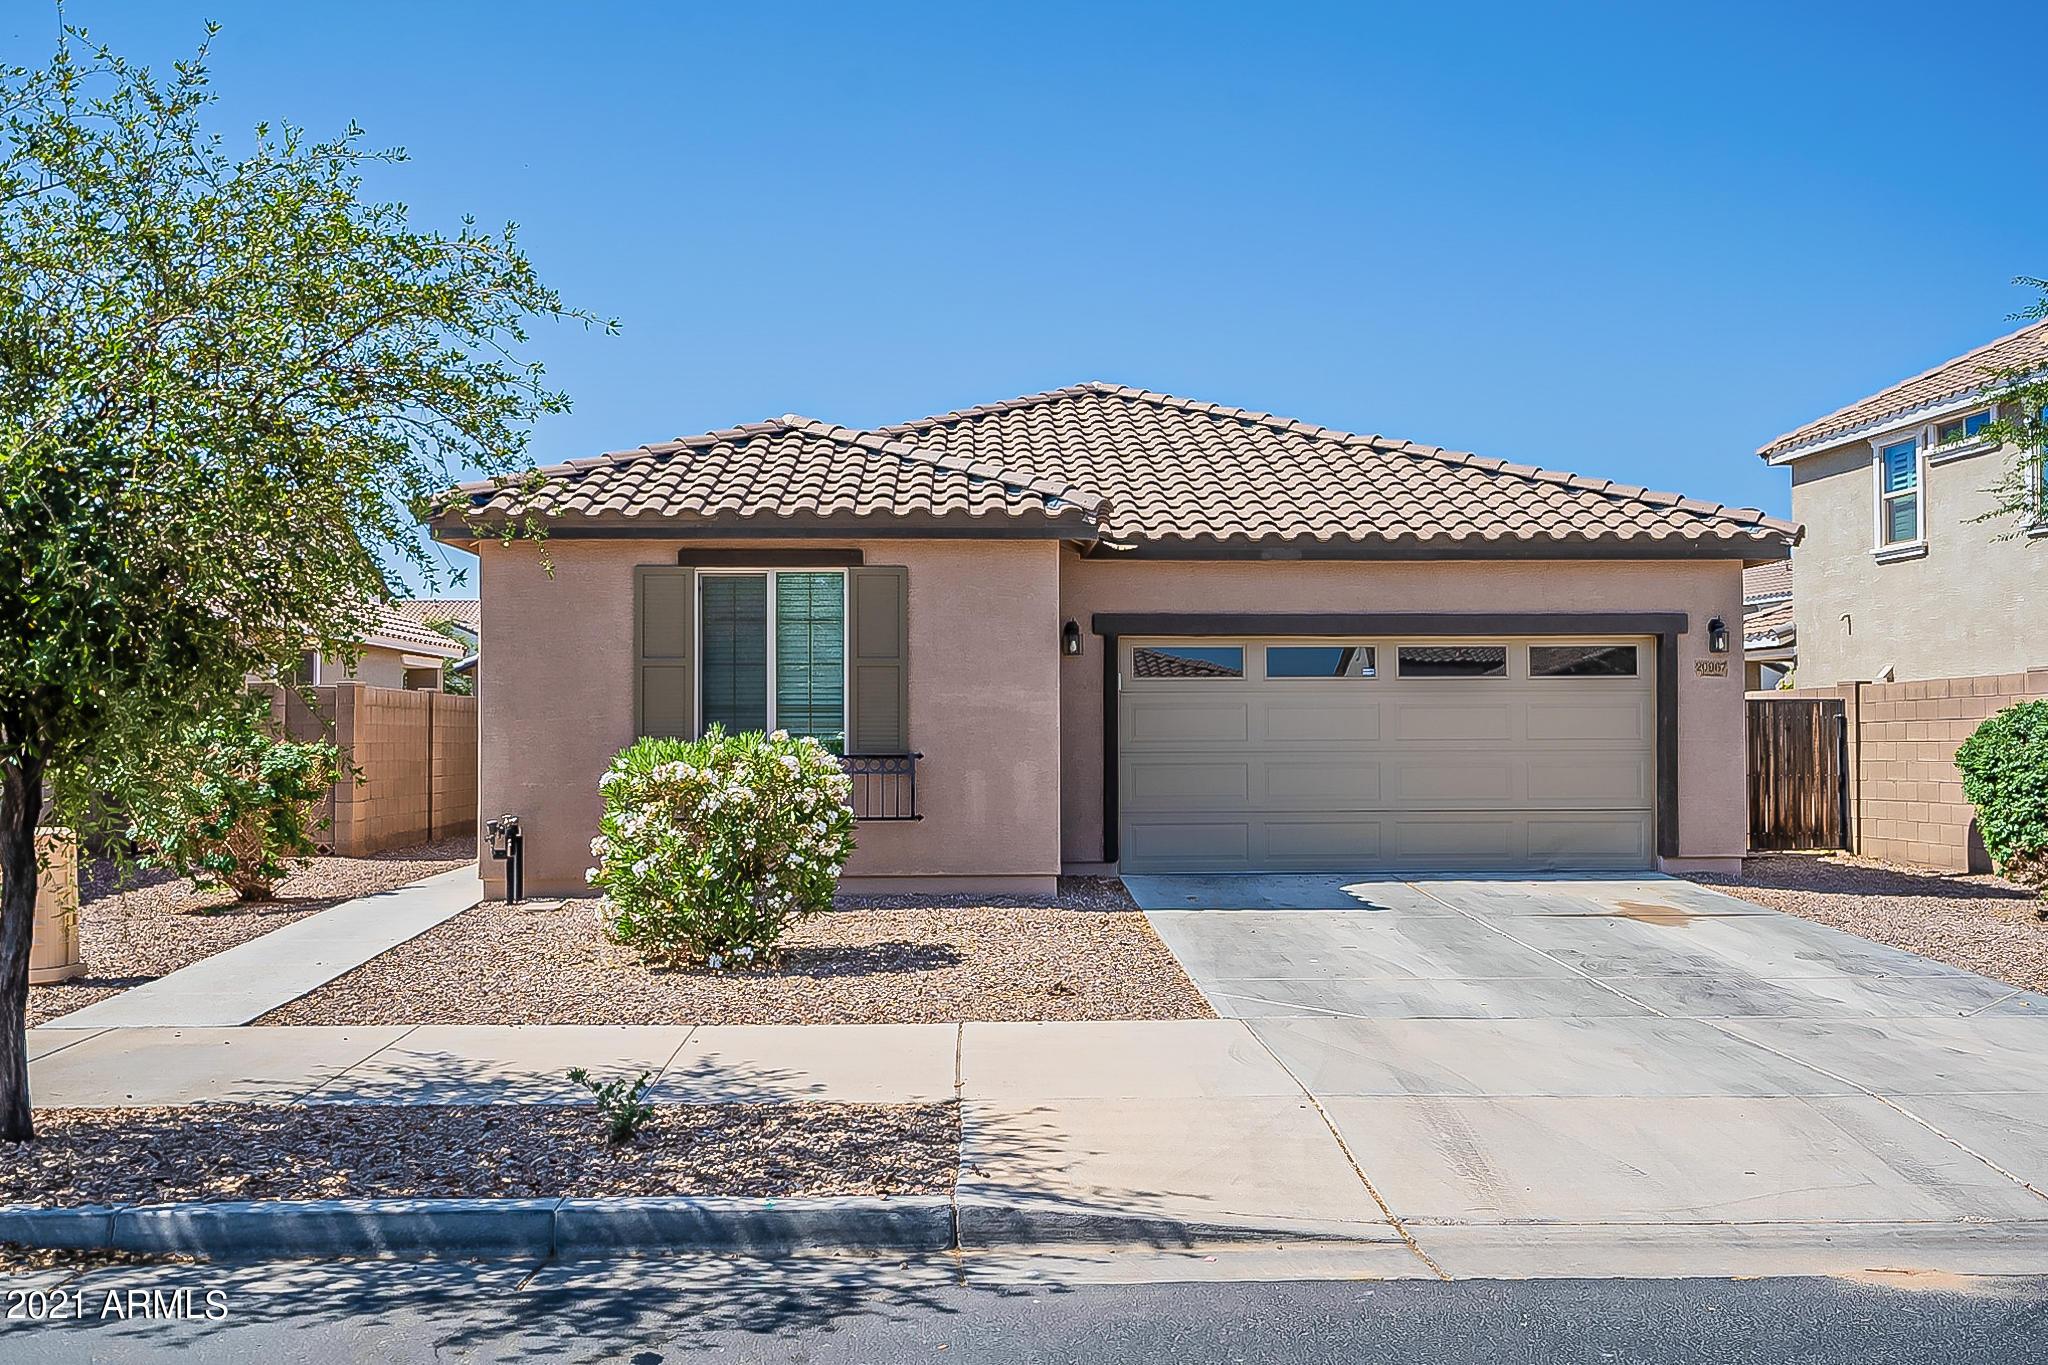 20967 CREEKSIDE Drive, Queen Creek, Arizona 85142, 3 Bedrooms Bedrooms, ,2 BathroomsBathrooms,Residential,For Sale,CREEKSIDE,6247839